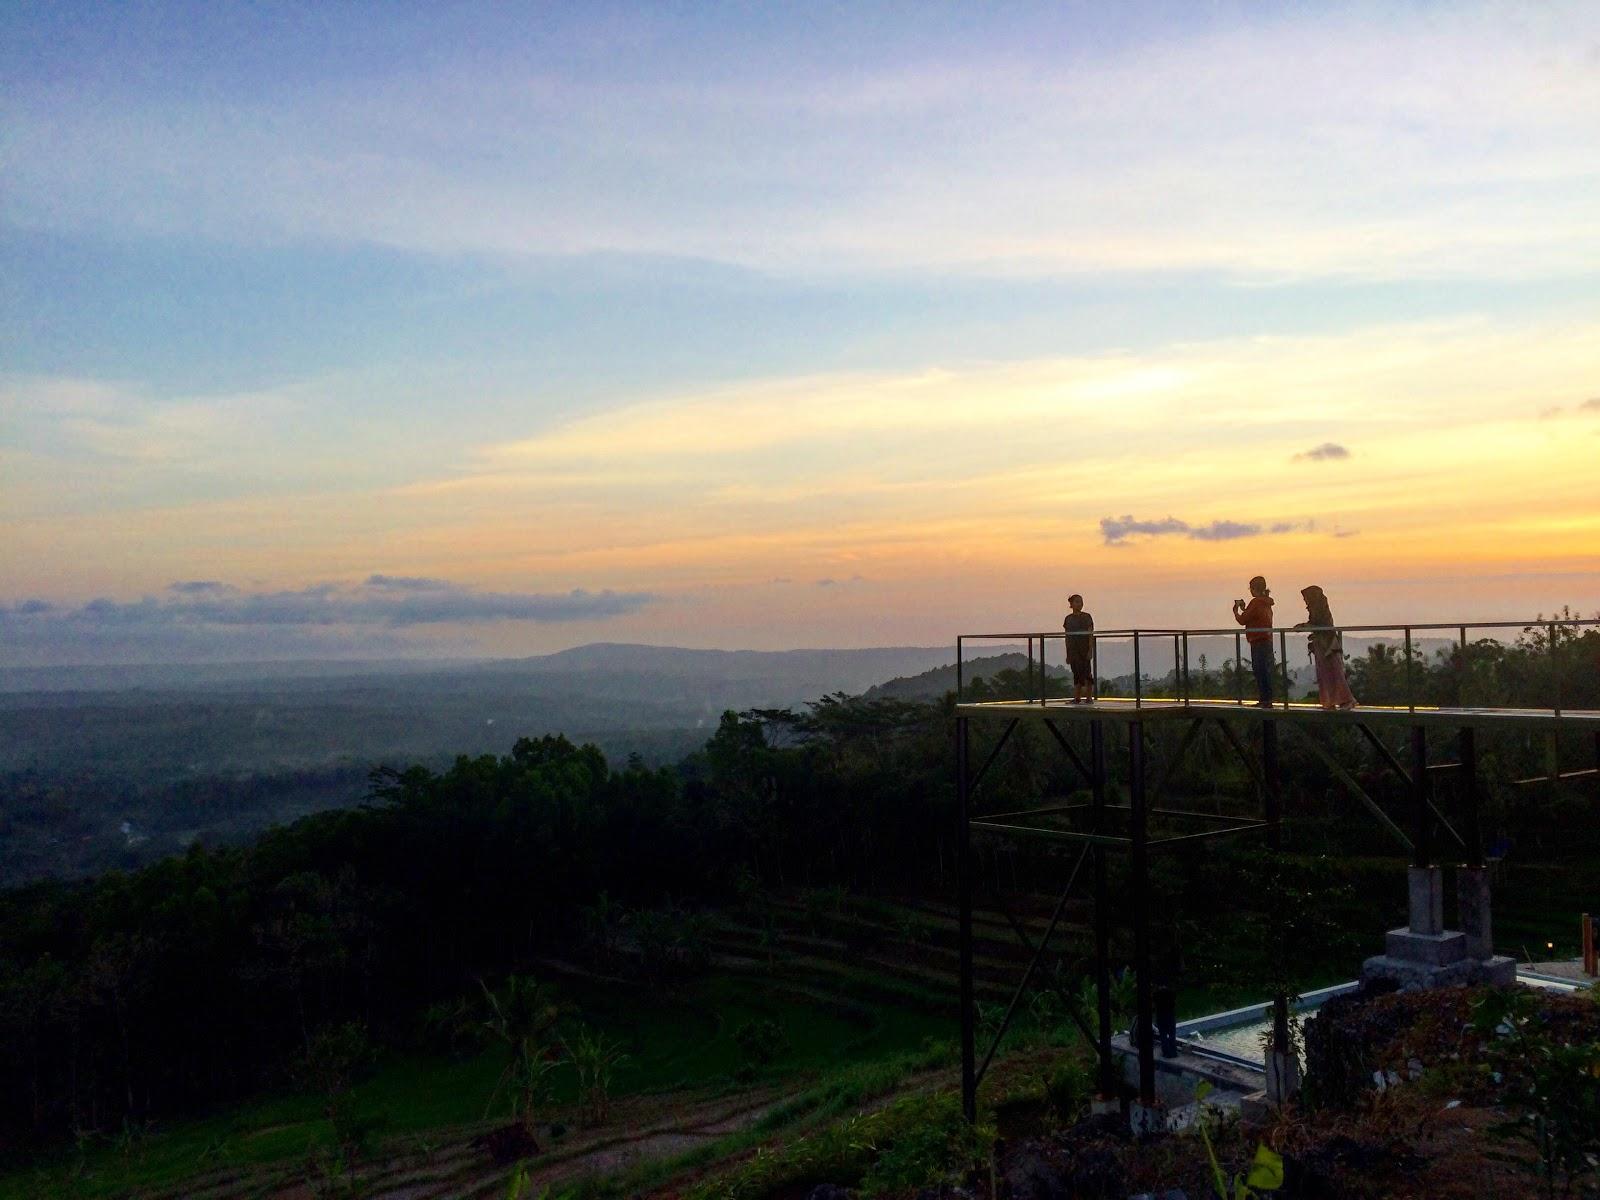 foto gardu pandang sunset